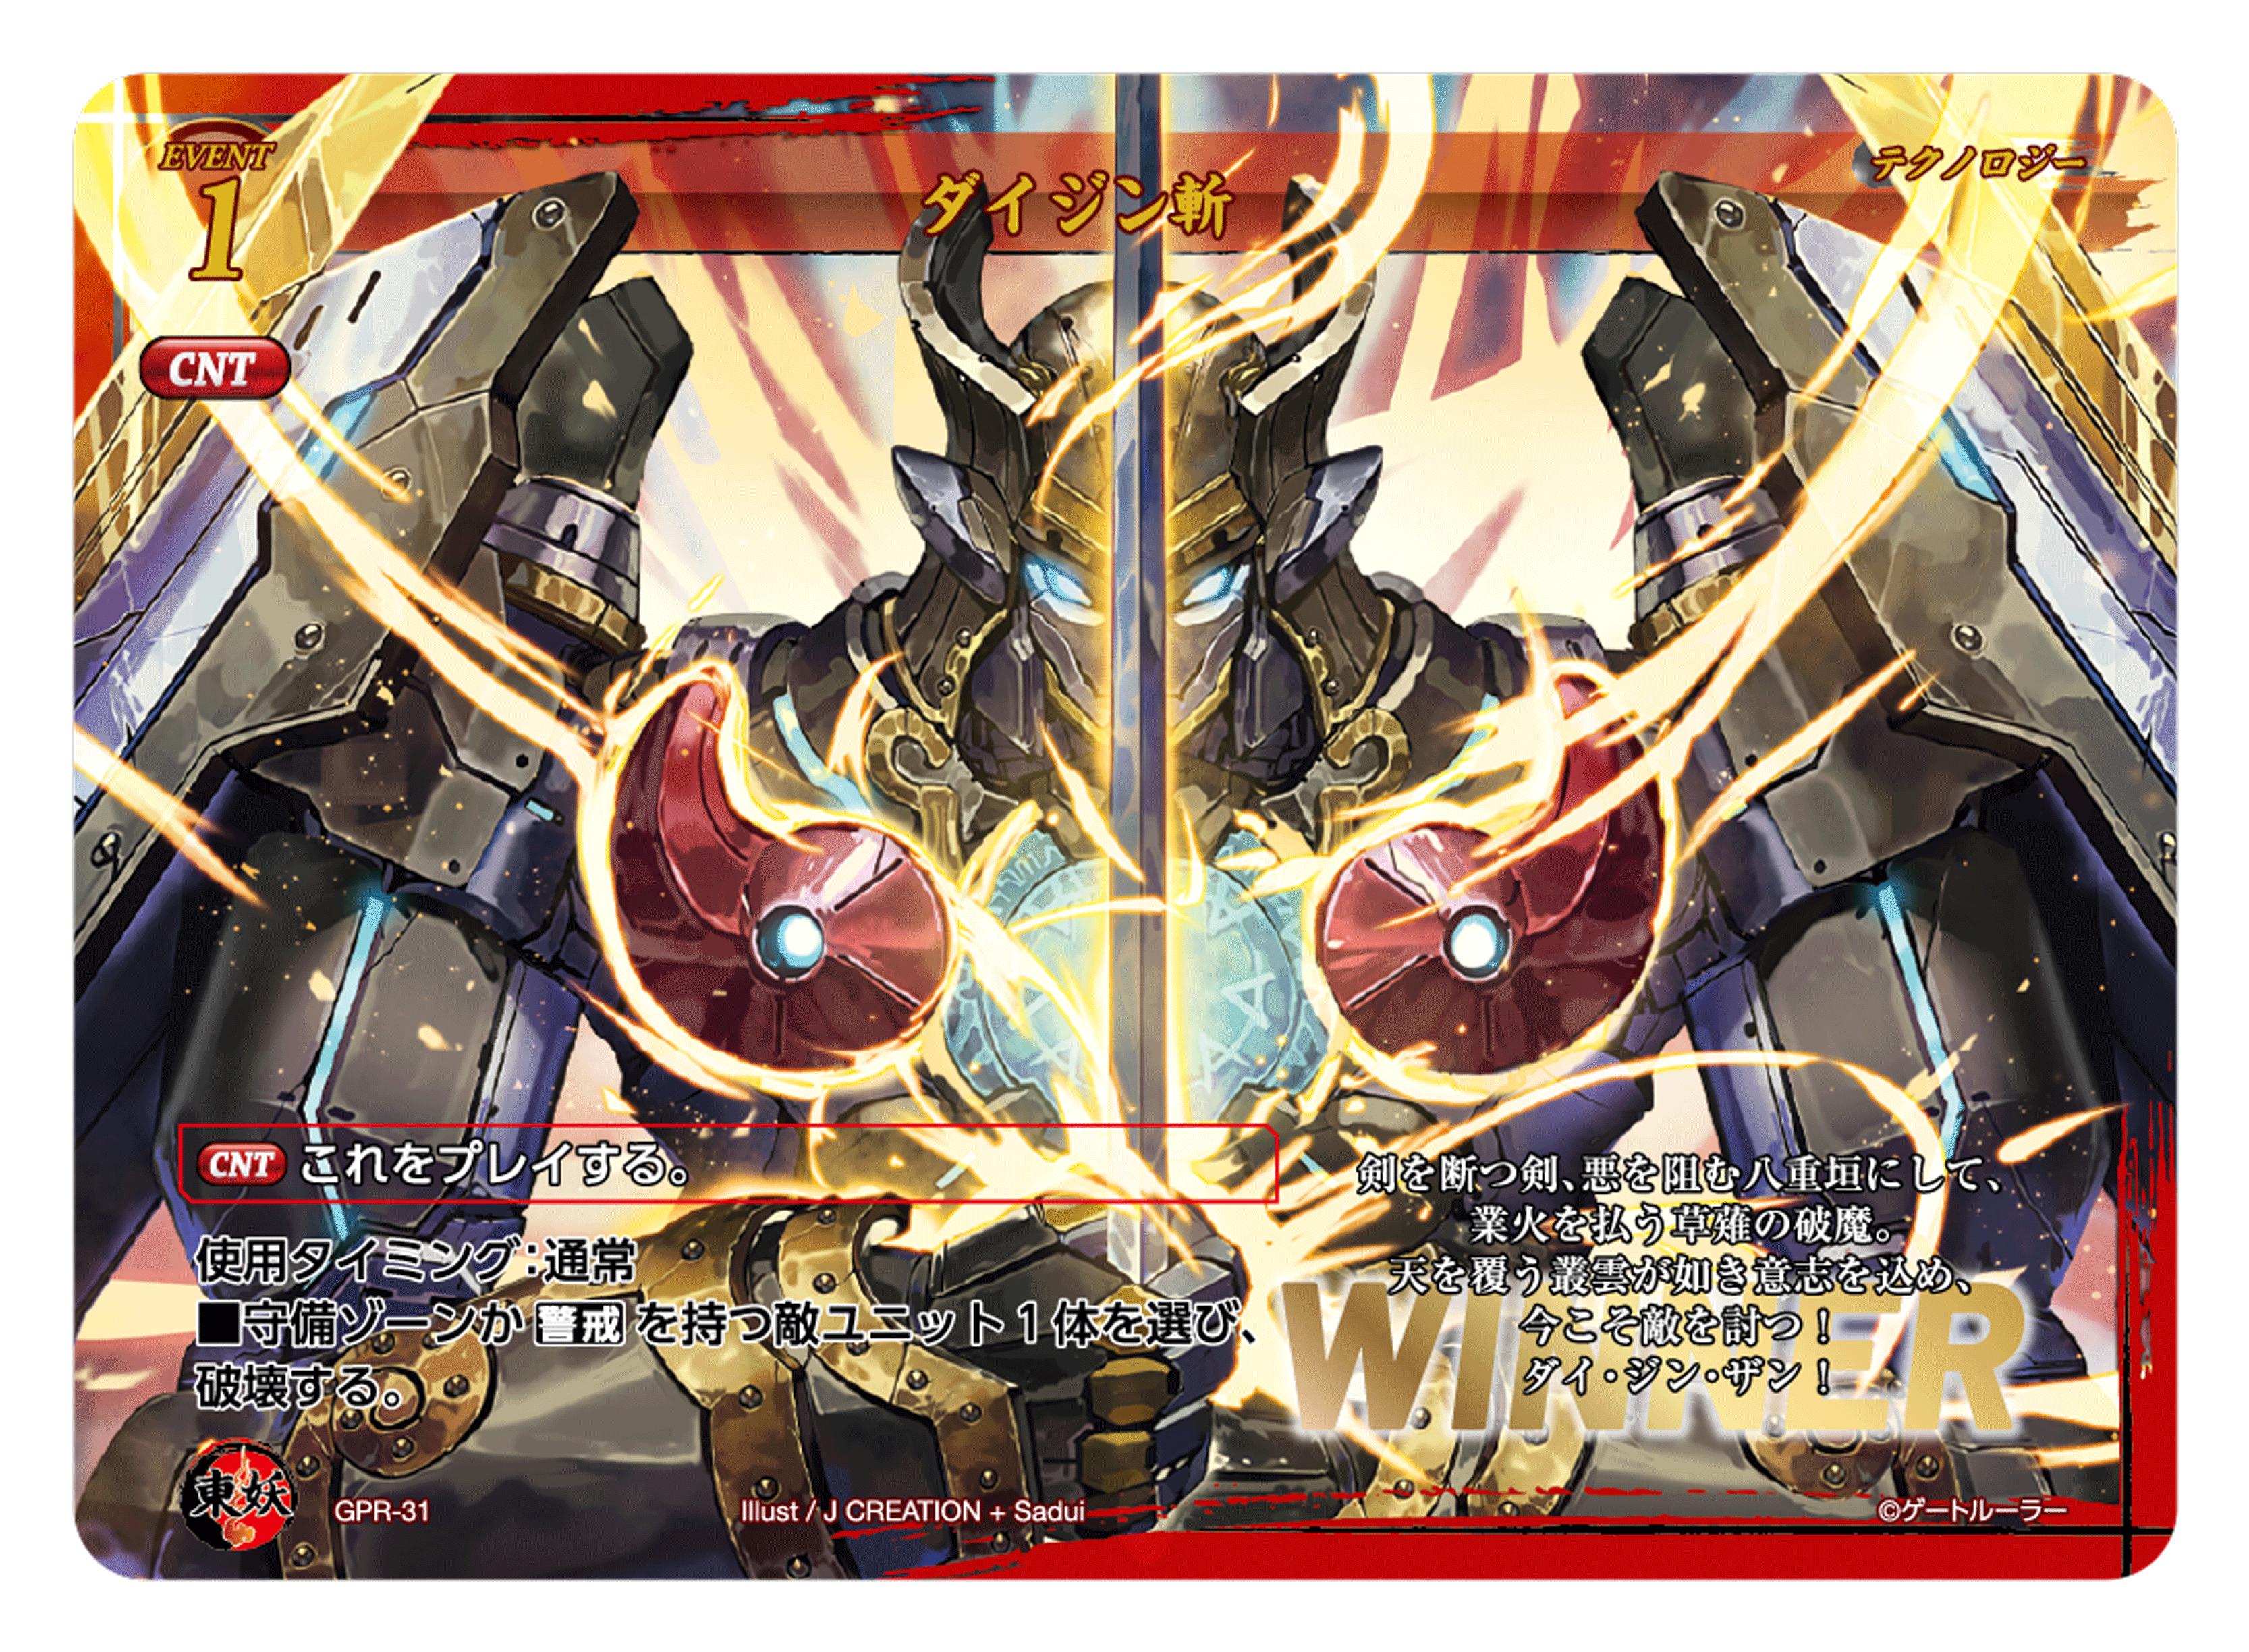 GPR-31_OL